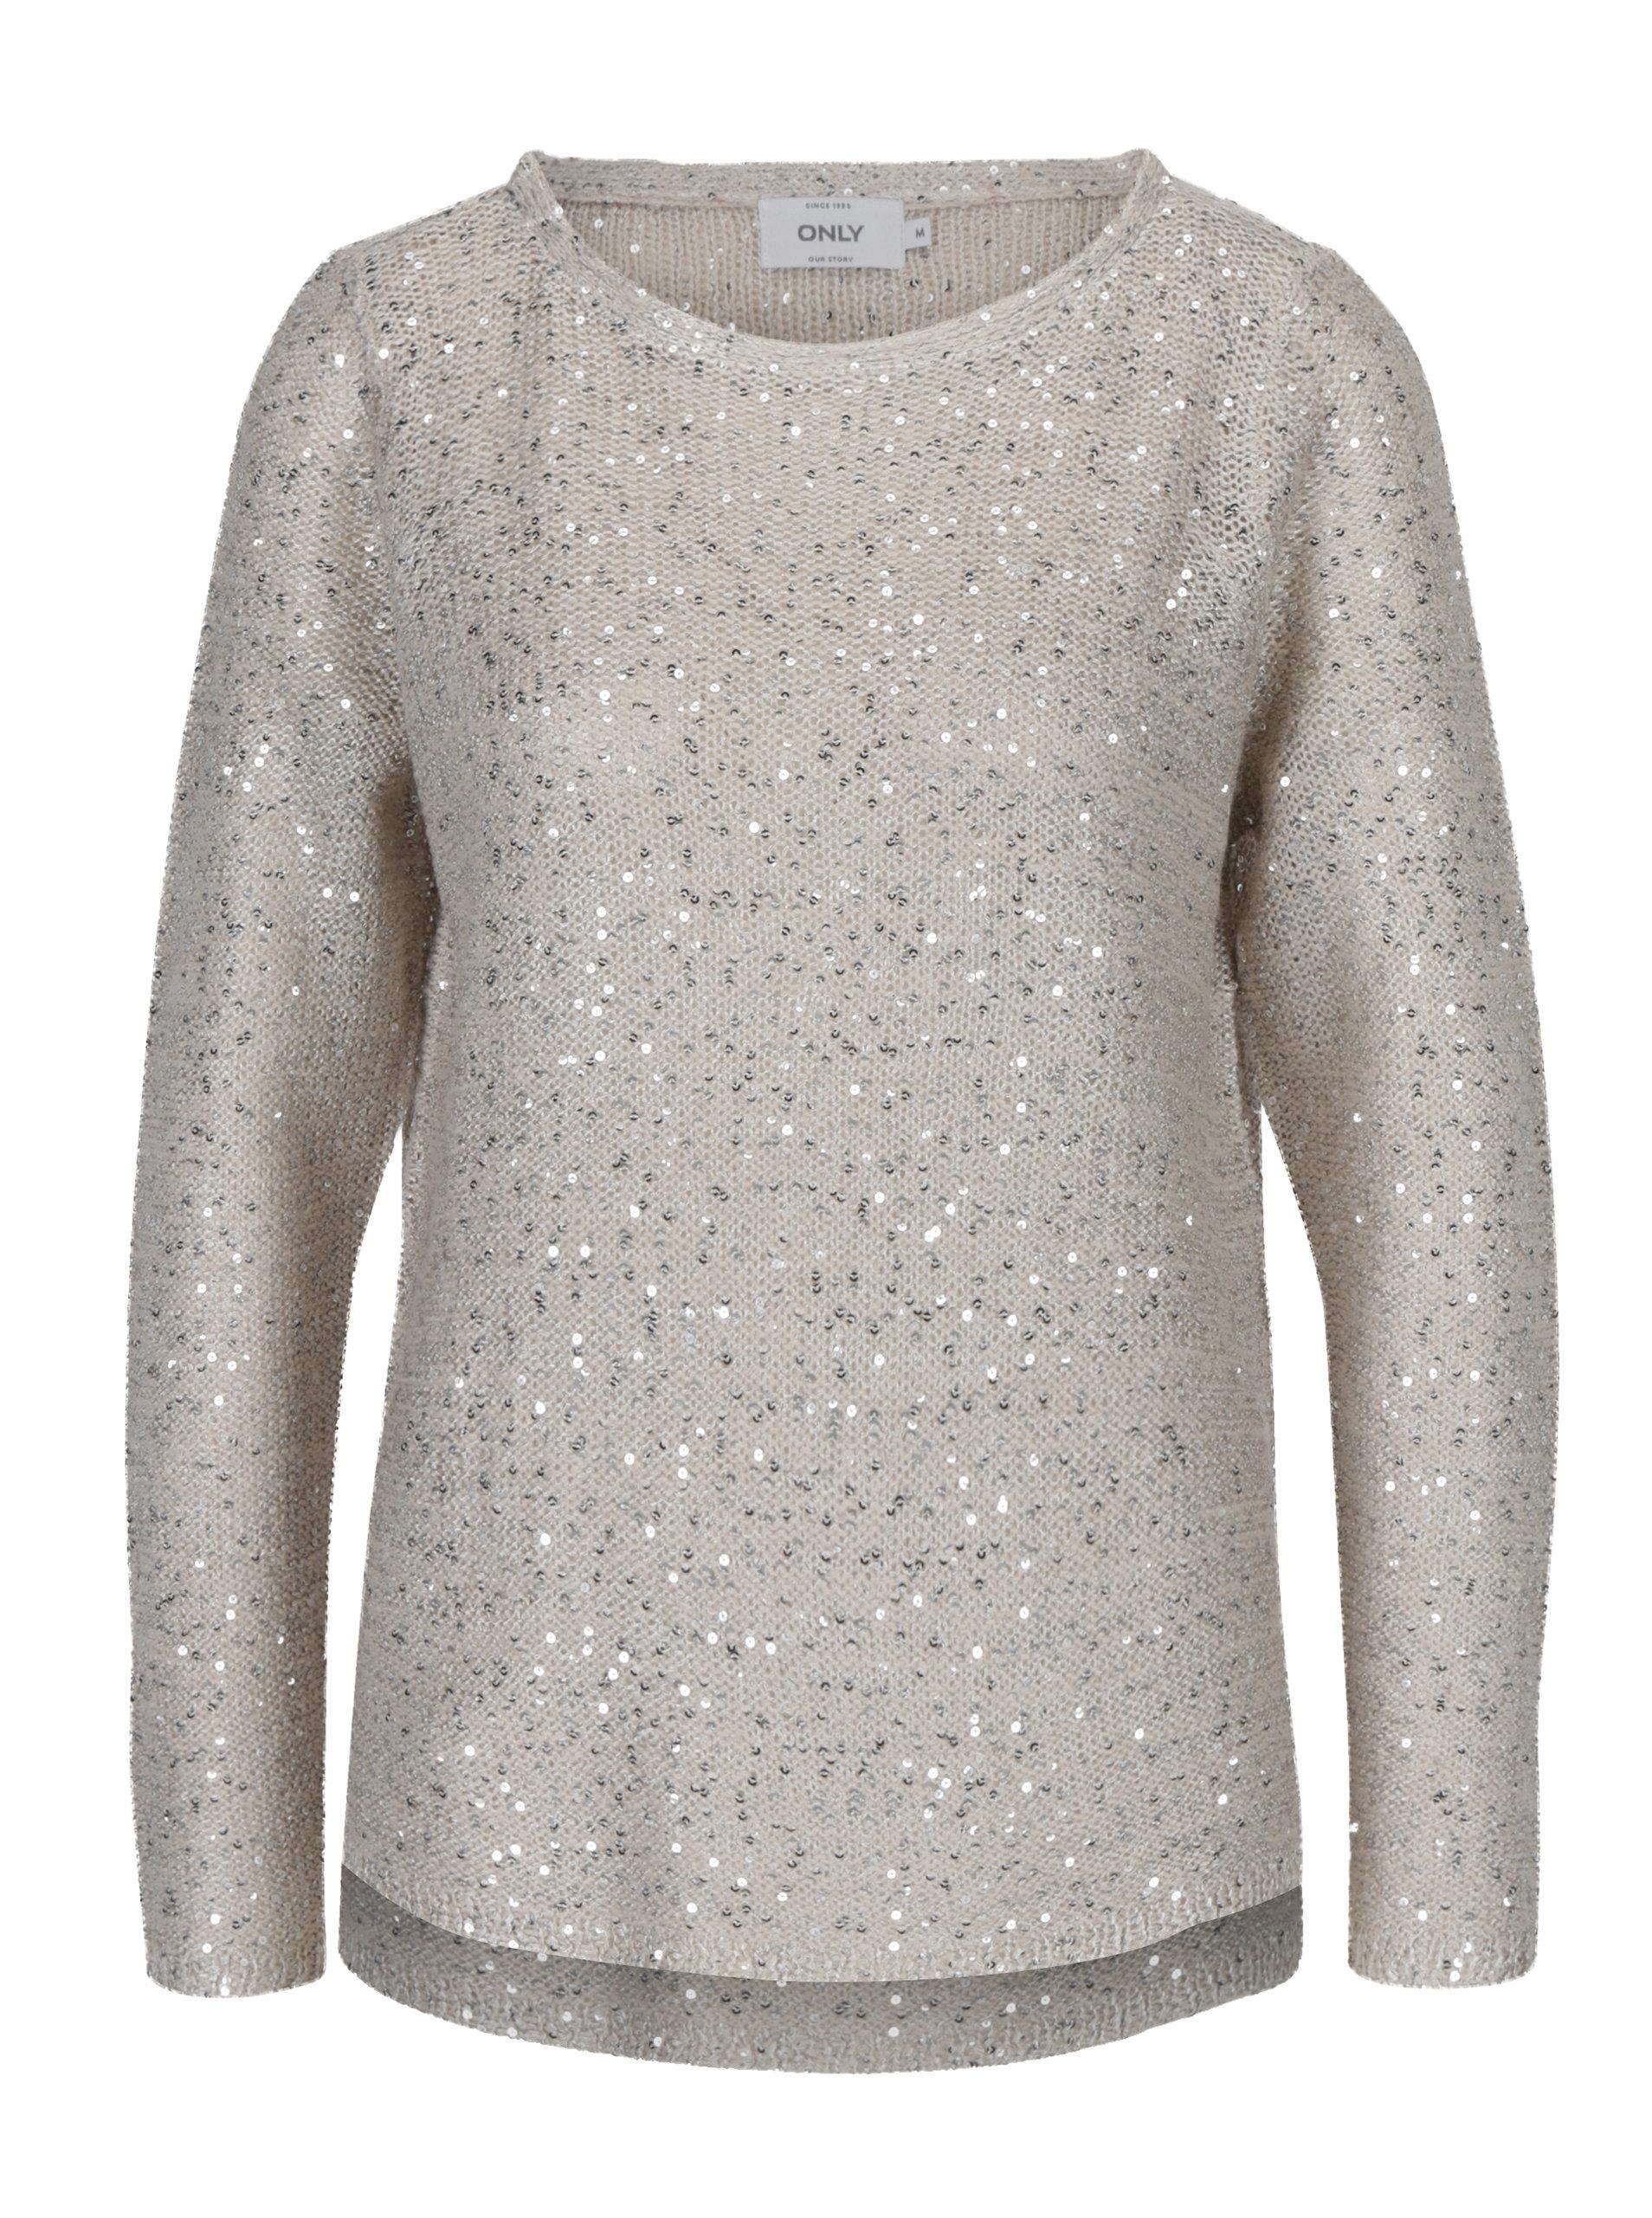 dd2d7537fd5 Béžový pletený svetr s flitry ONLY Adele ...